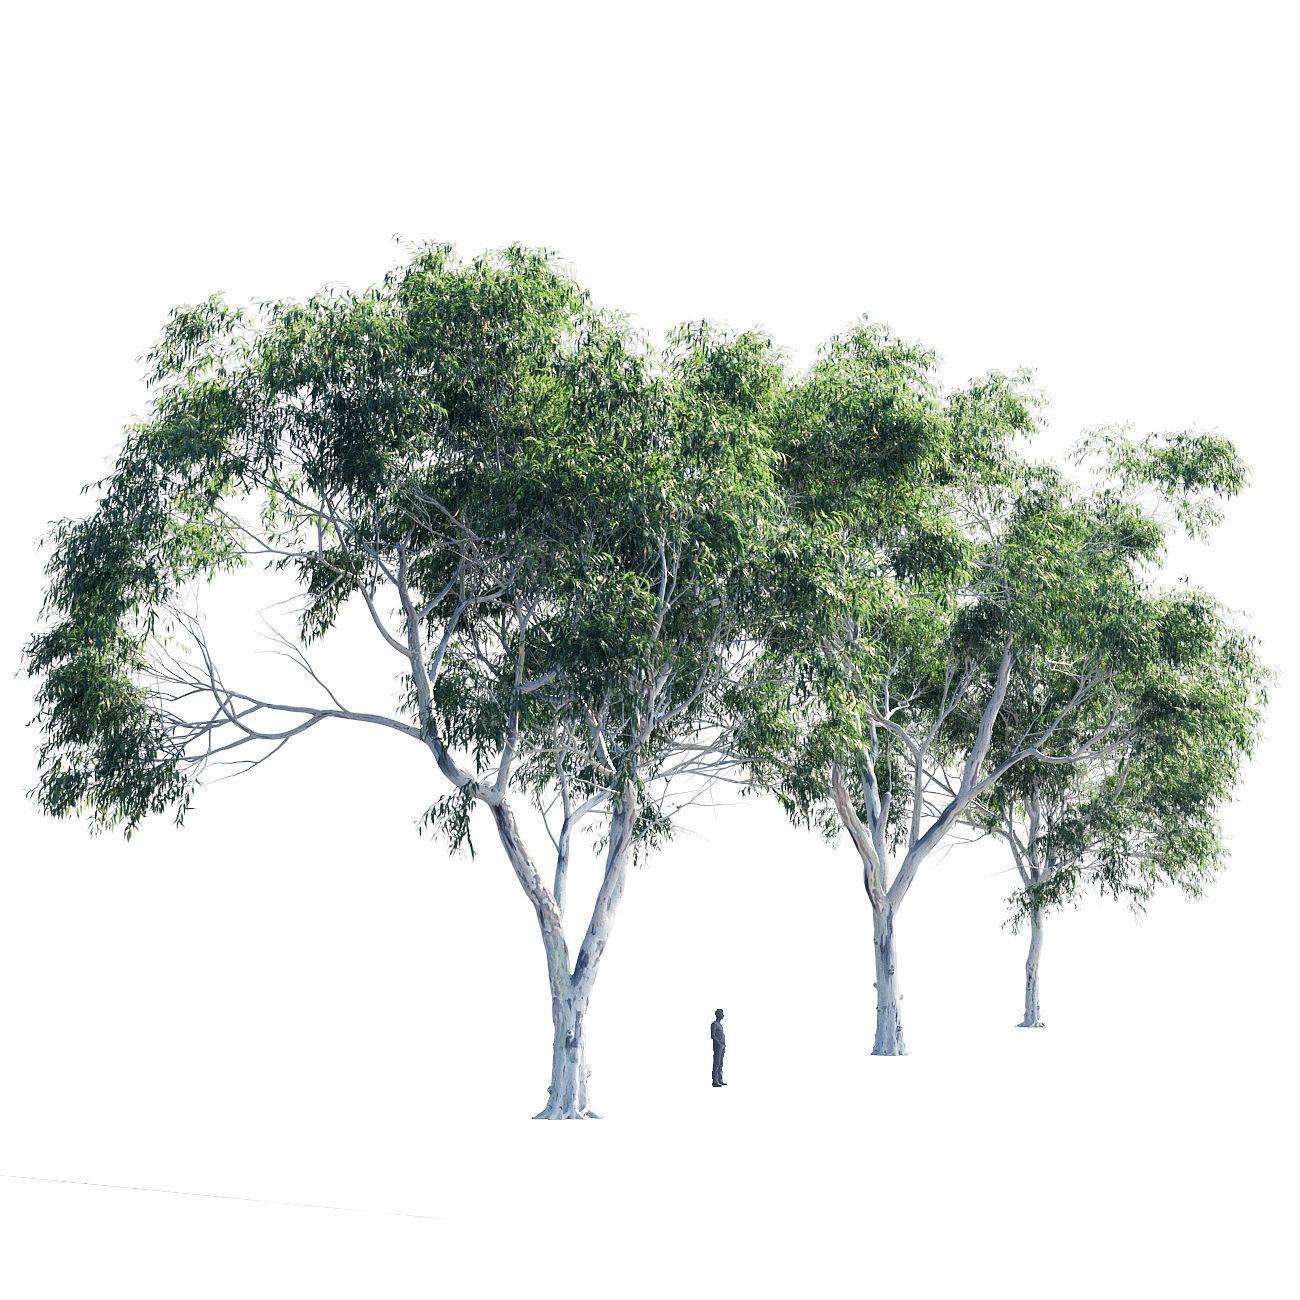 Eucalyptus collection 2